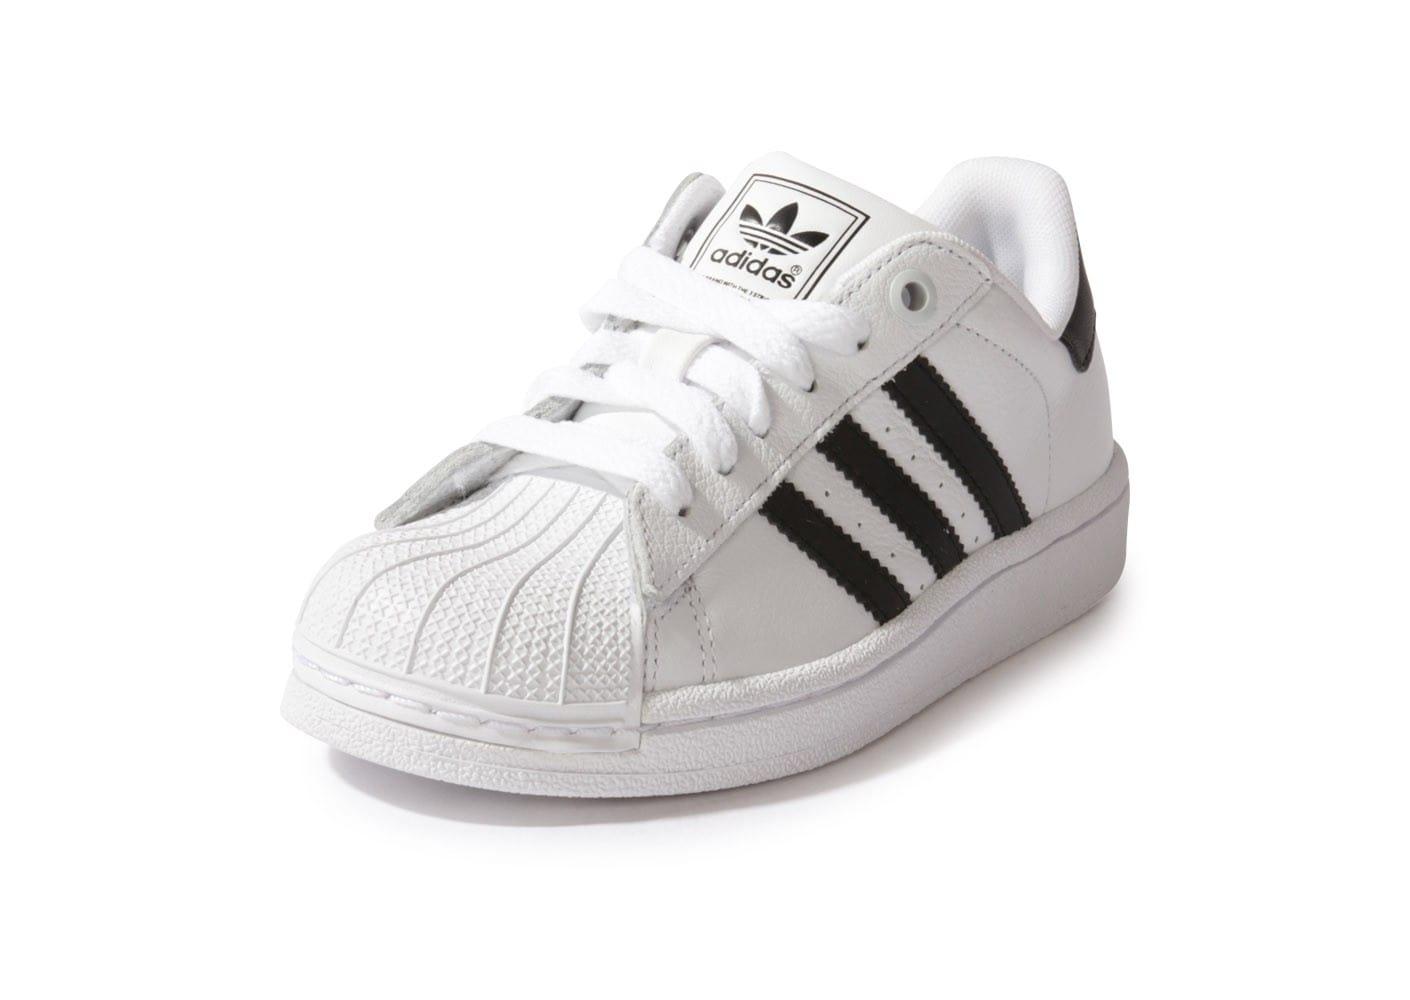 quality design bc0f3 b6a75 Découvrez le confort de la technologie Air avec les adidas superstar 2 bebe.  Découvrez tous les styles de adidas superstar 2 bebe pour hommes, ...